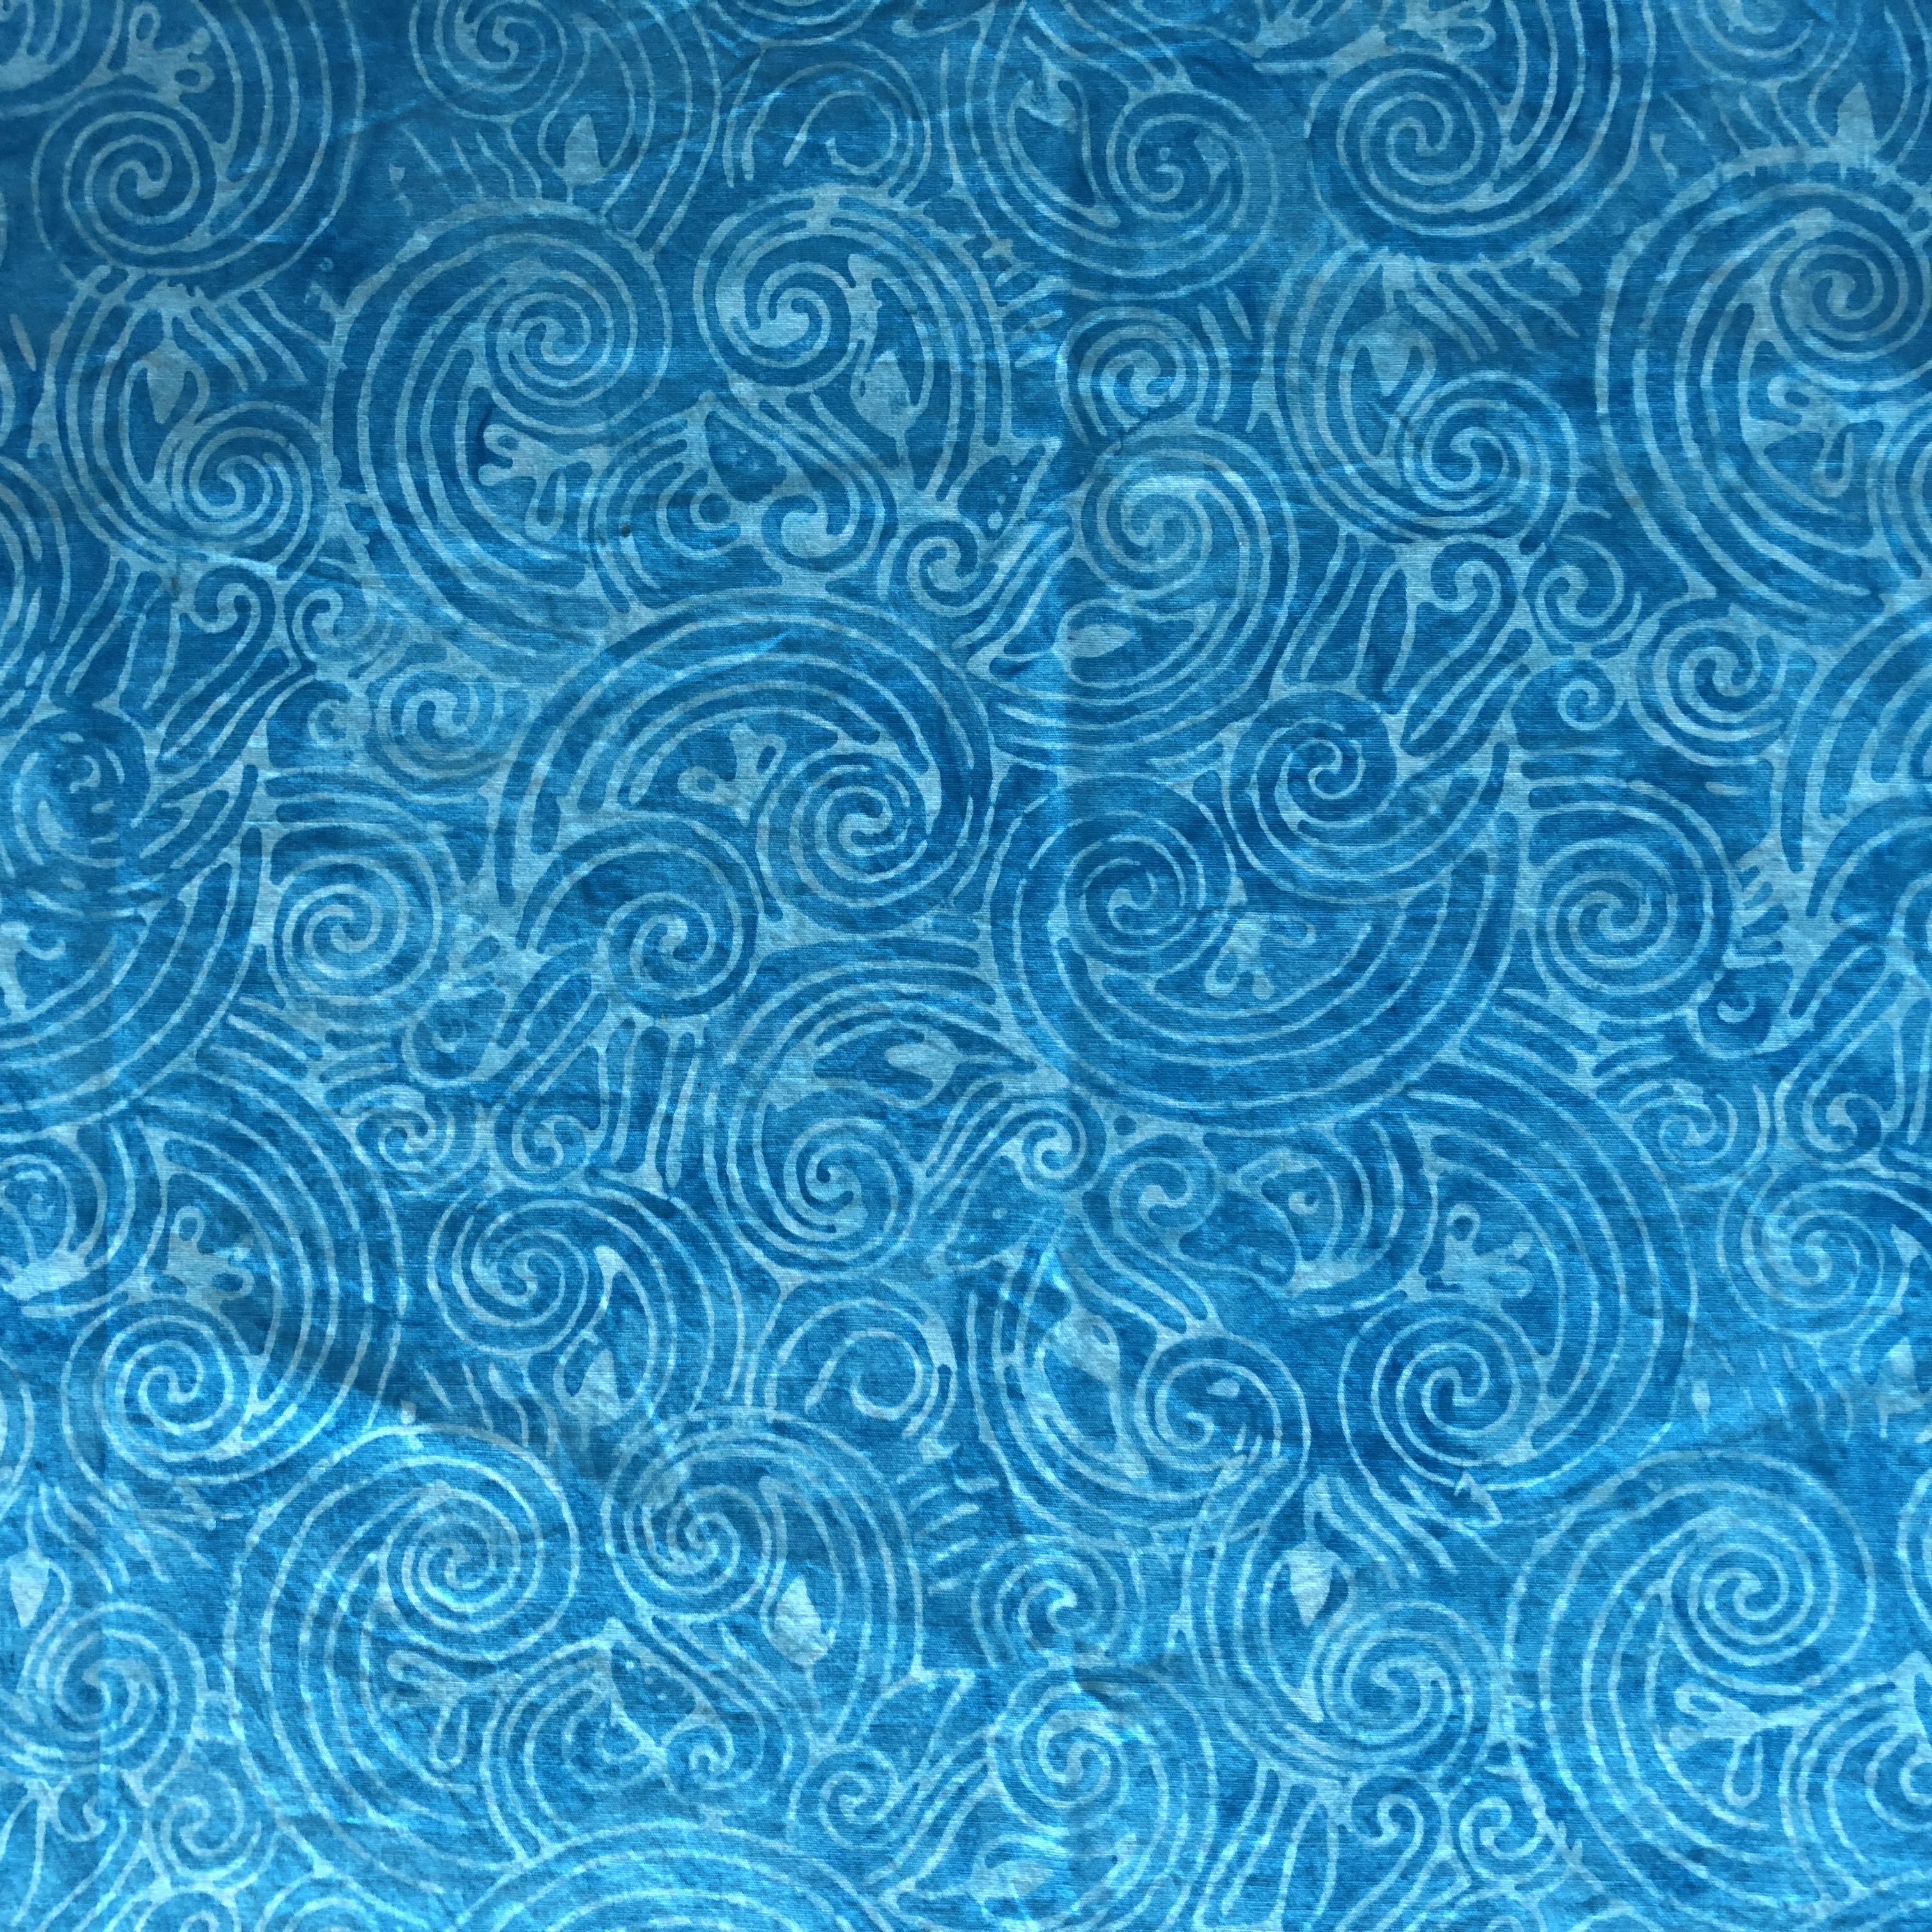 Aqua Scrolls Batik